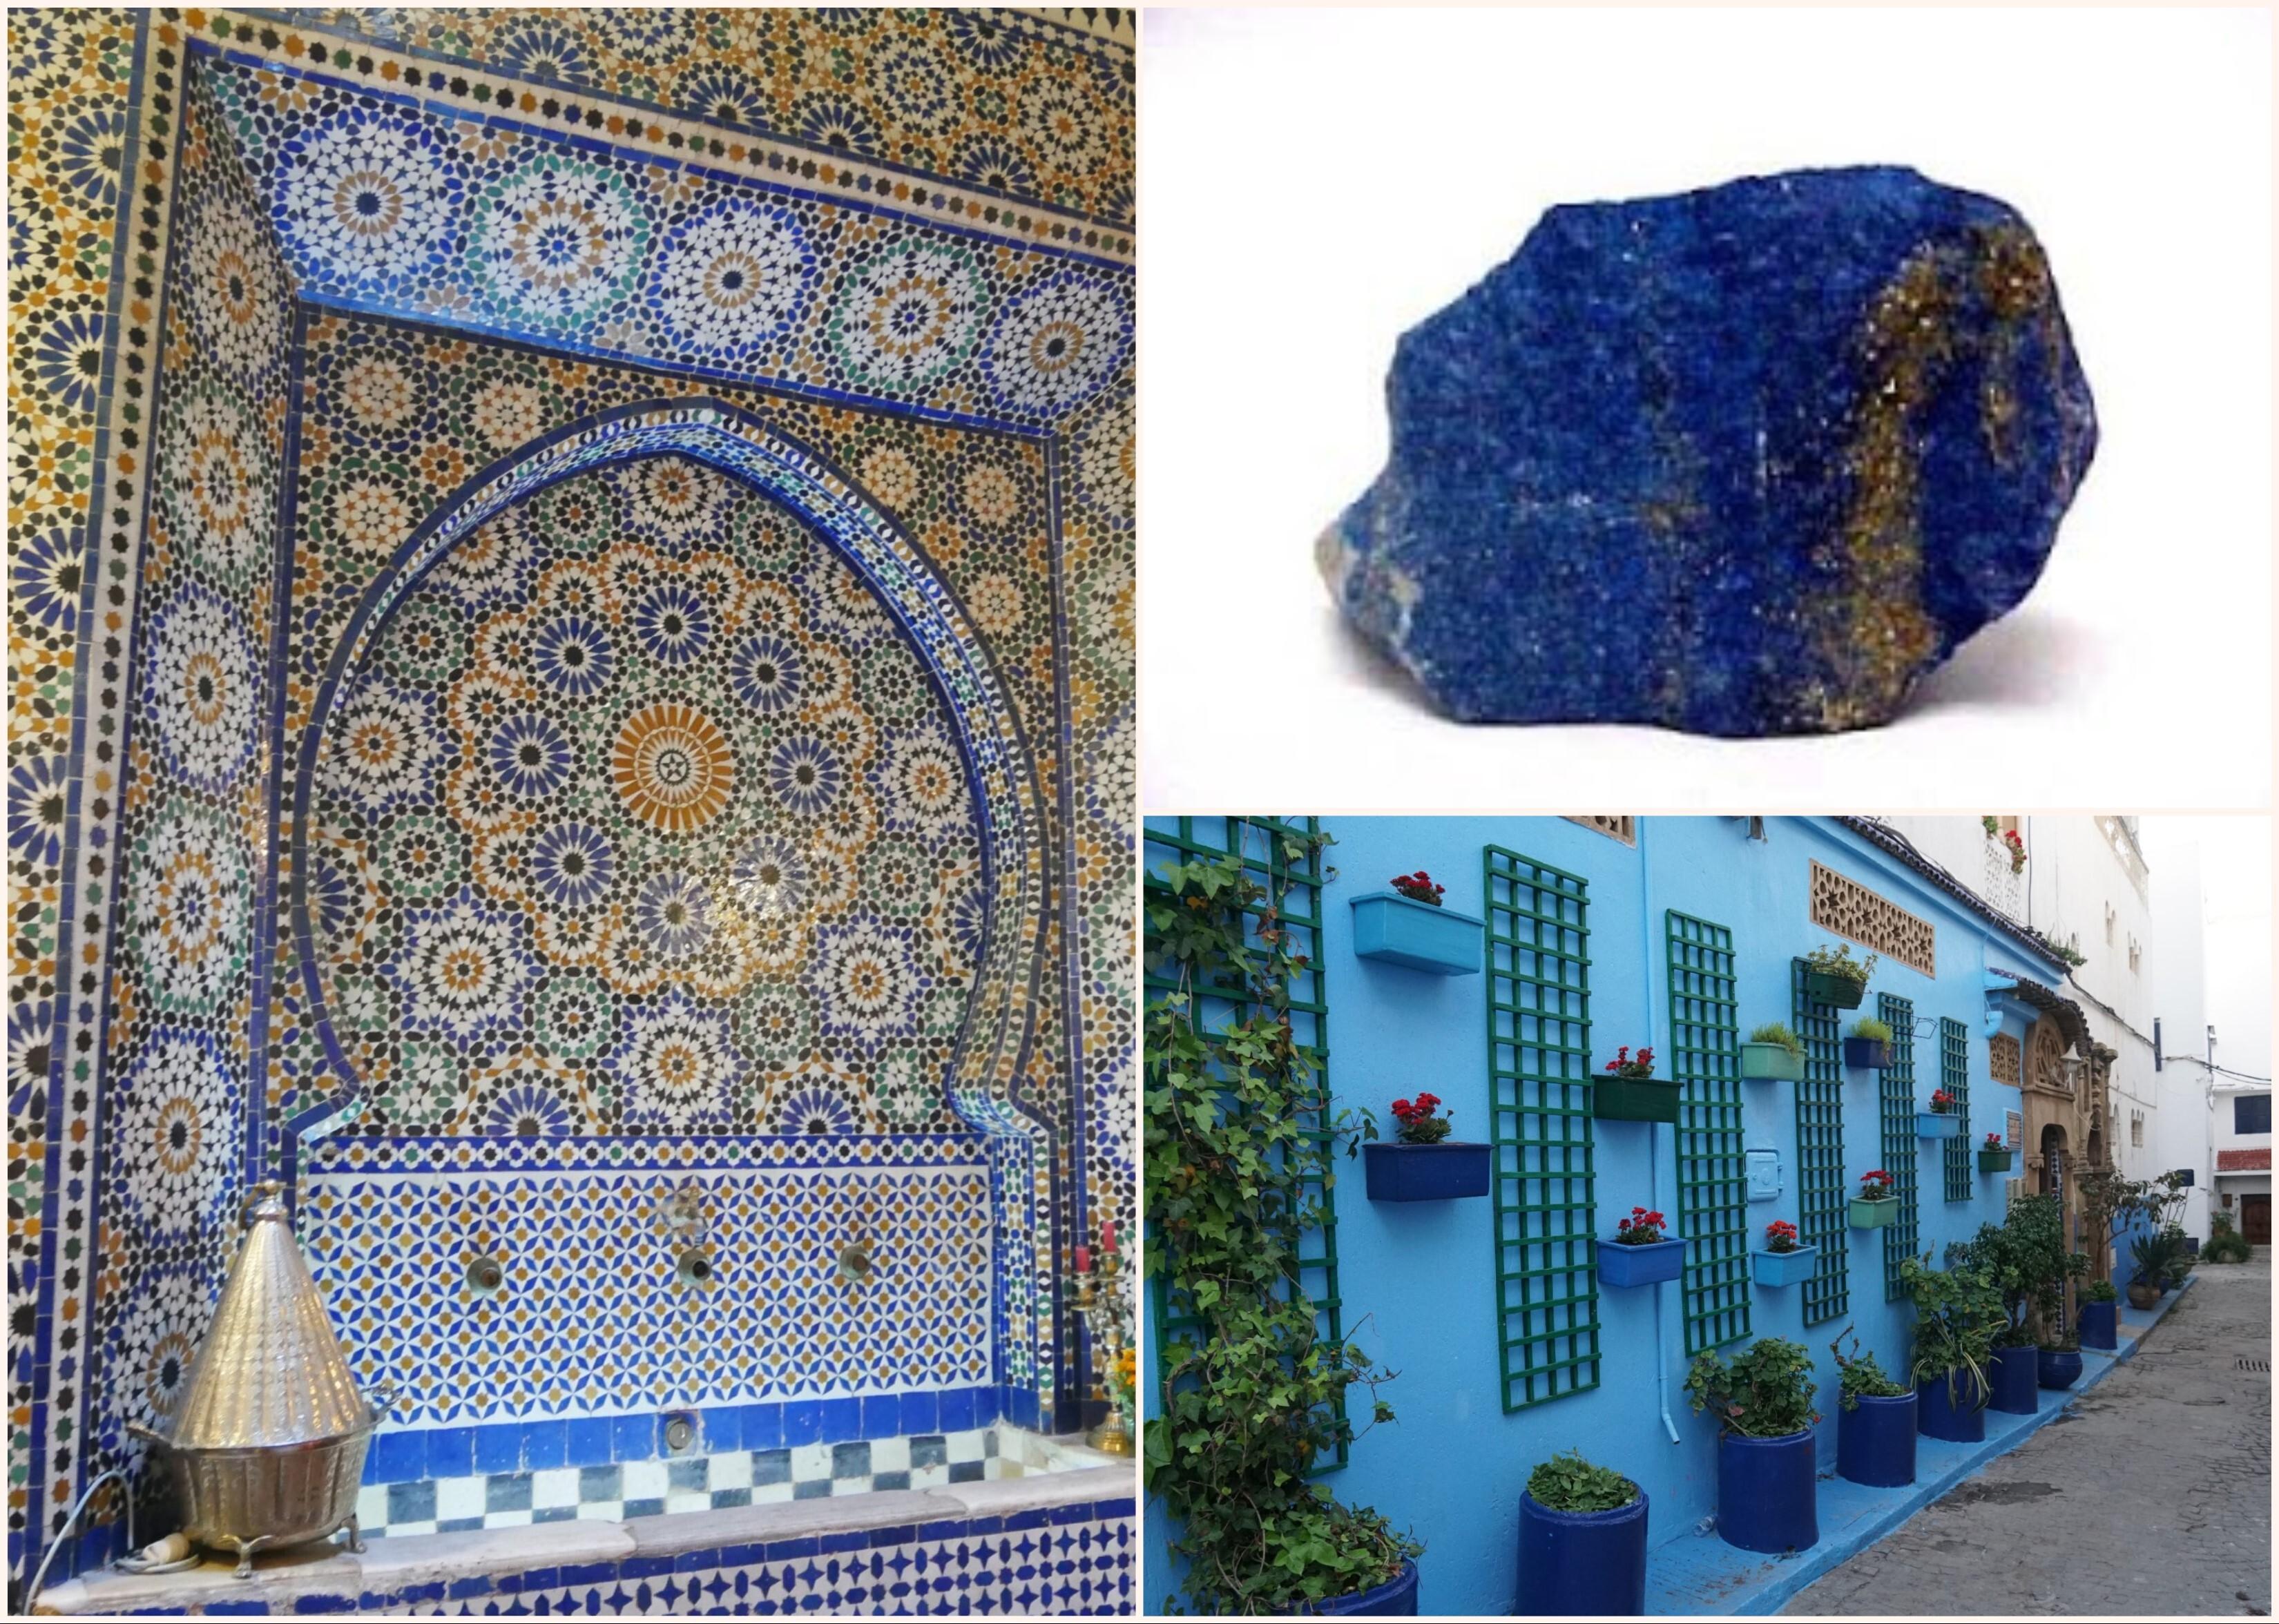 馬若雷勒由這些靈感調配出獨特的 Majorelle Blue